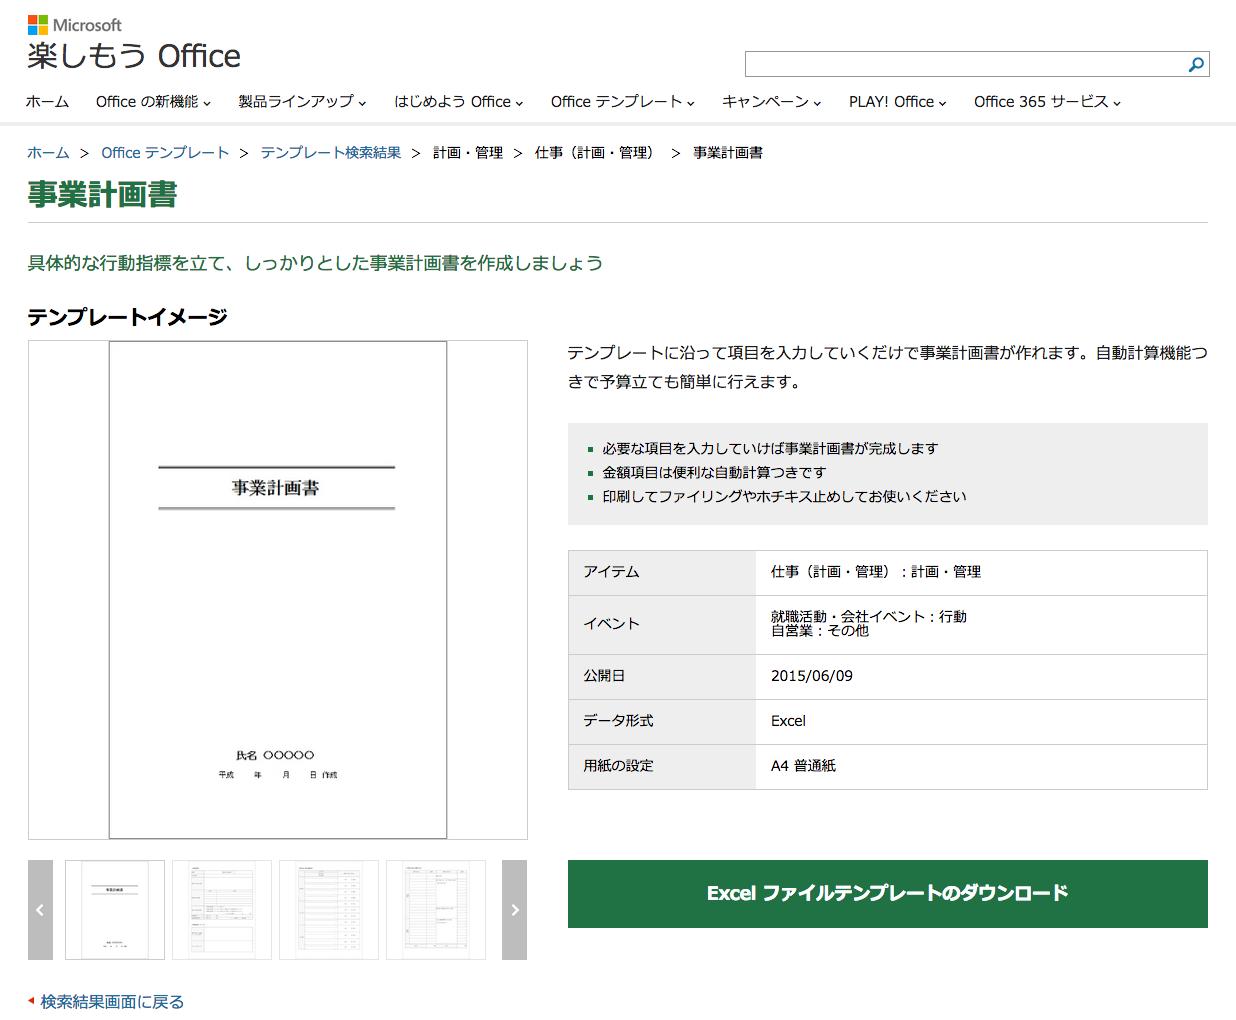 事業計画書の書式(Excel)マイクロソフト公式サイト